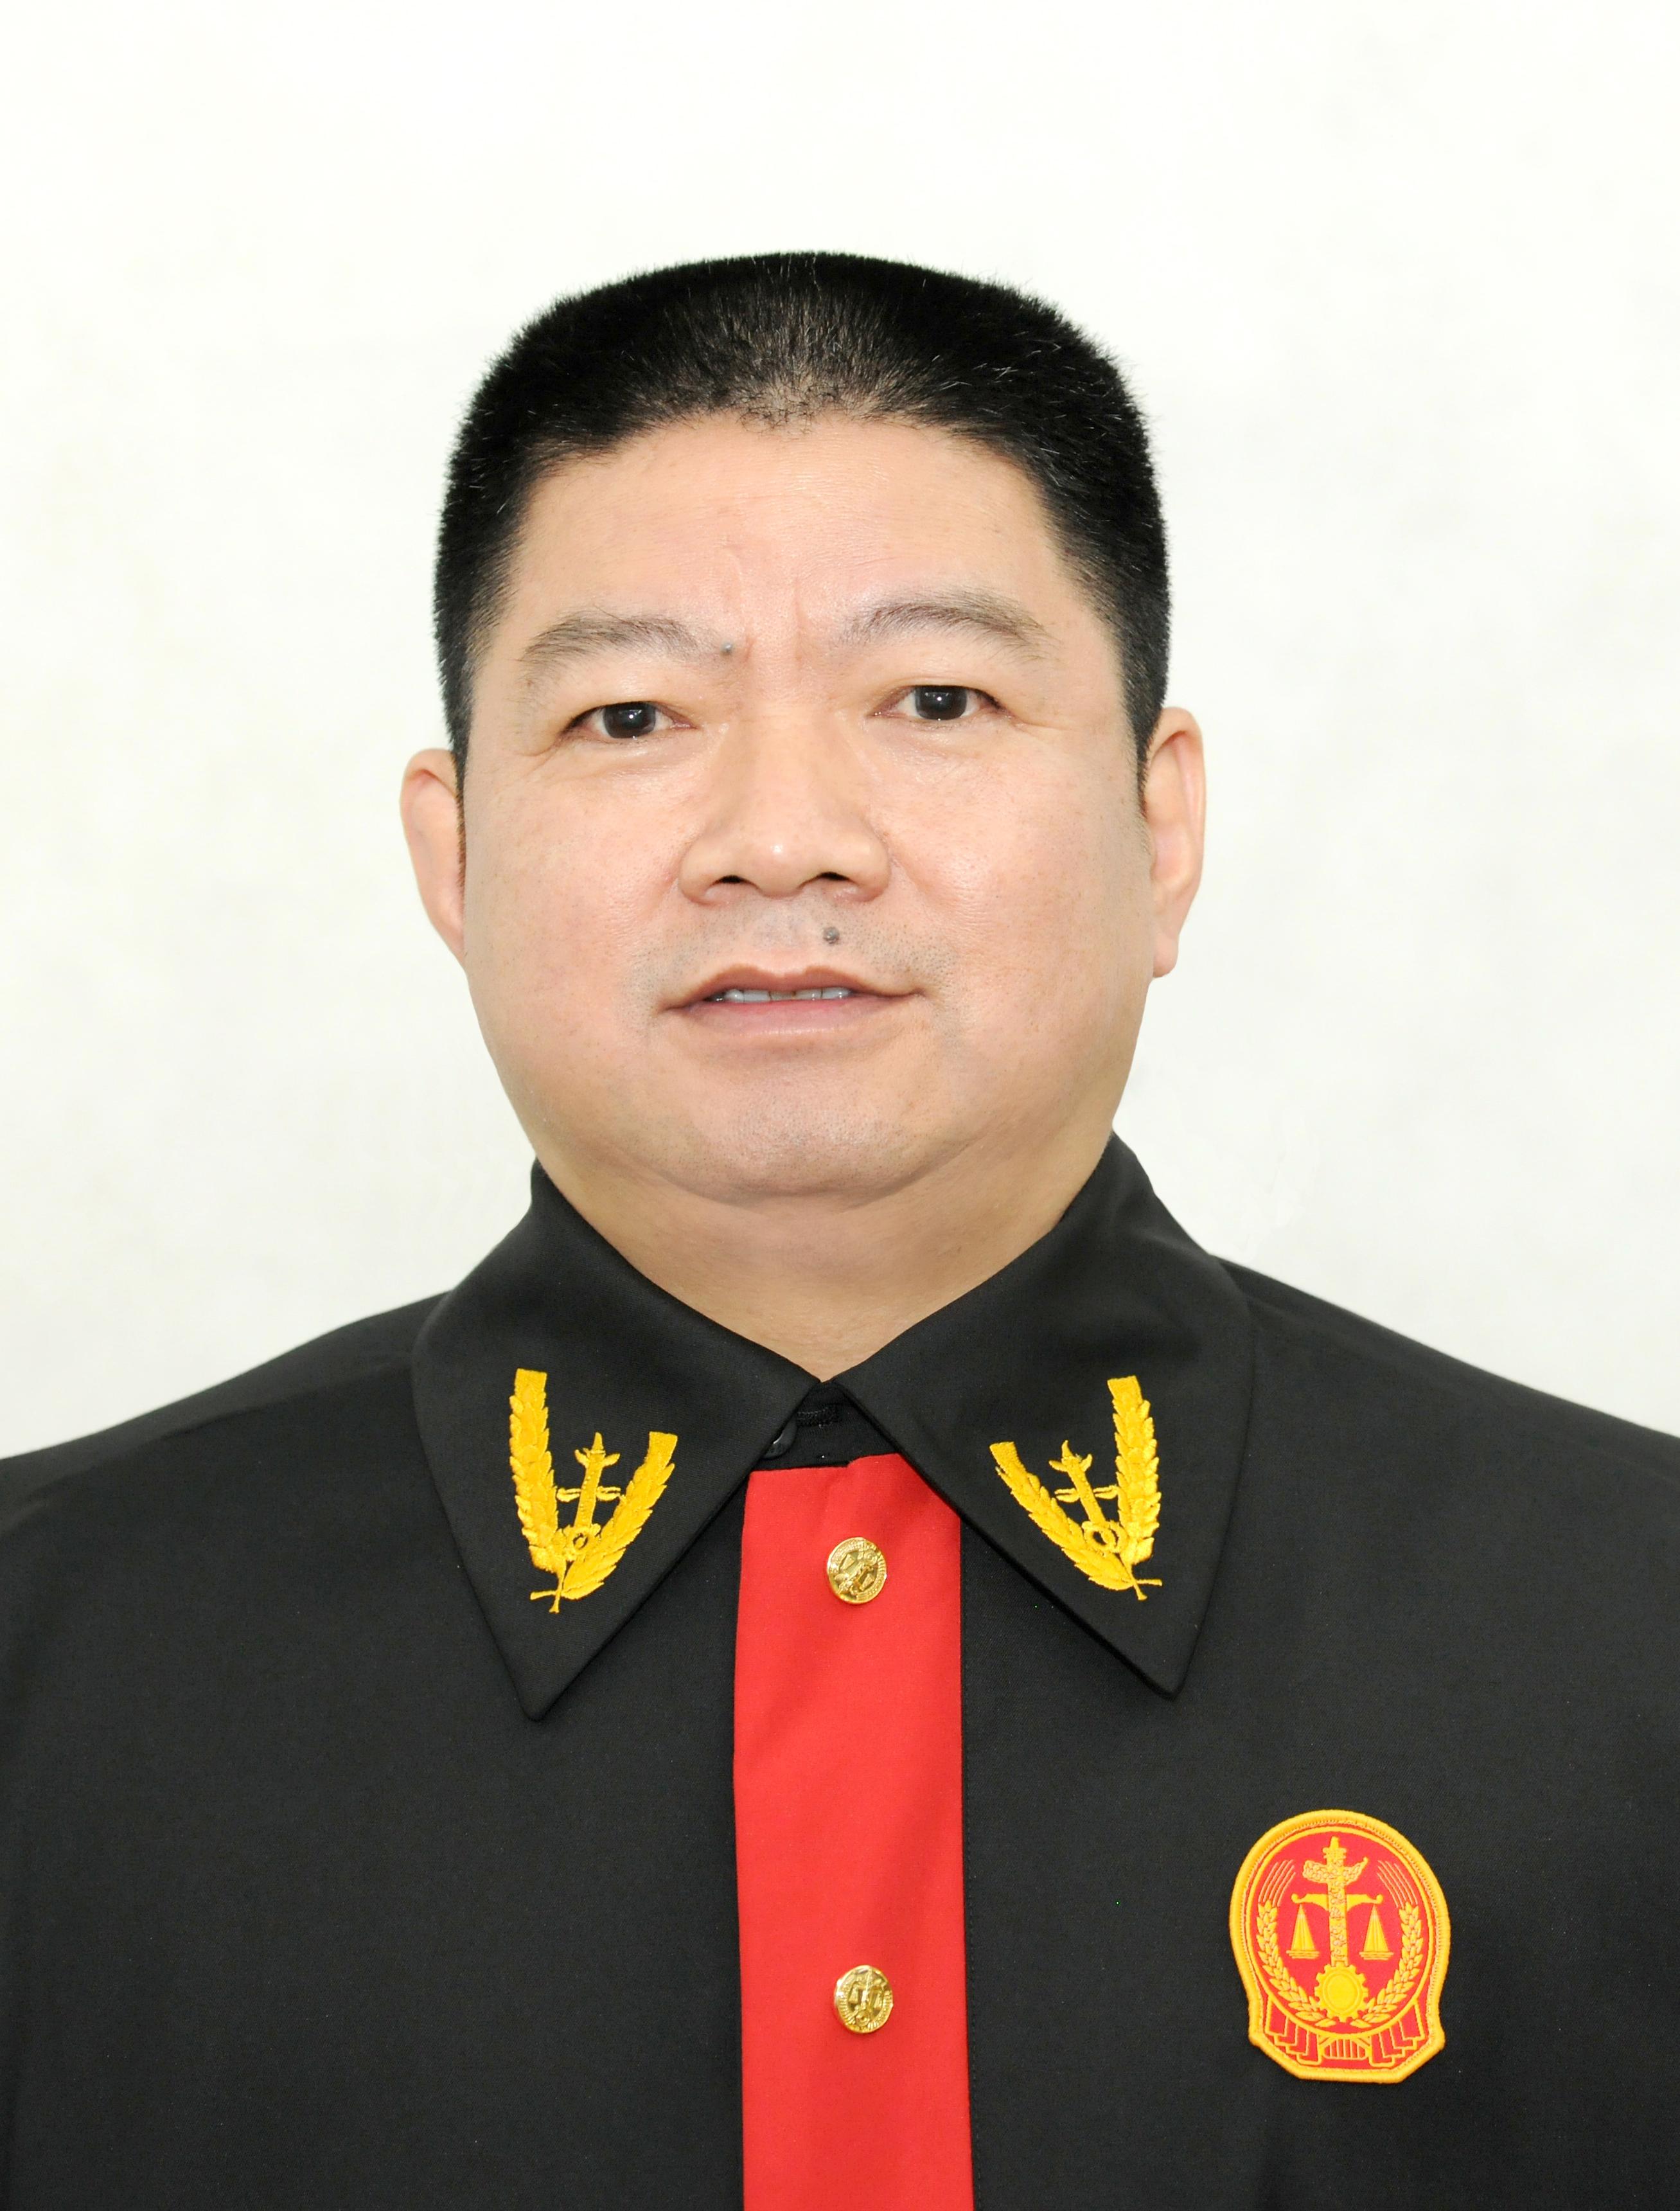 Li Baiping